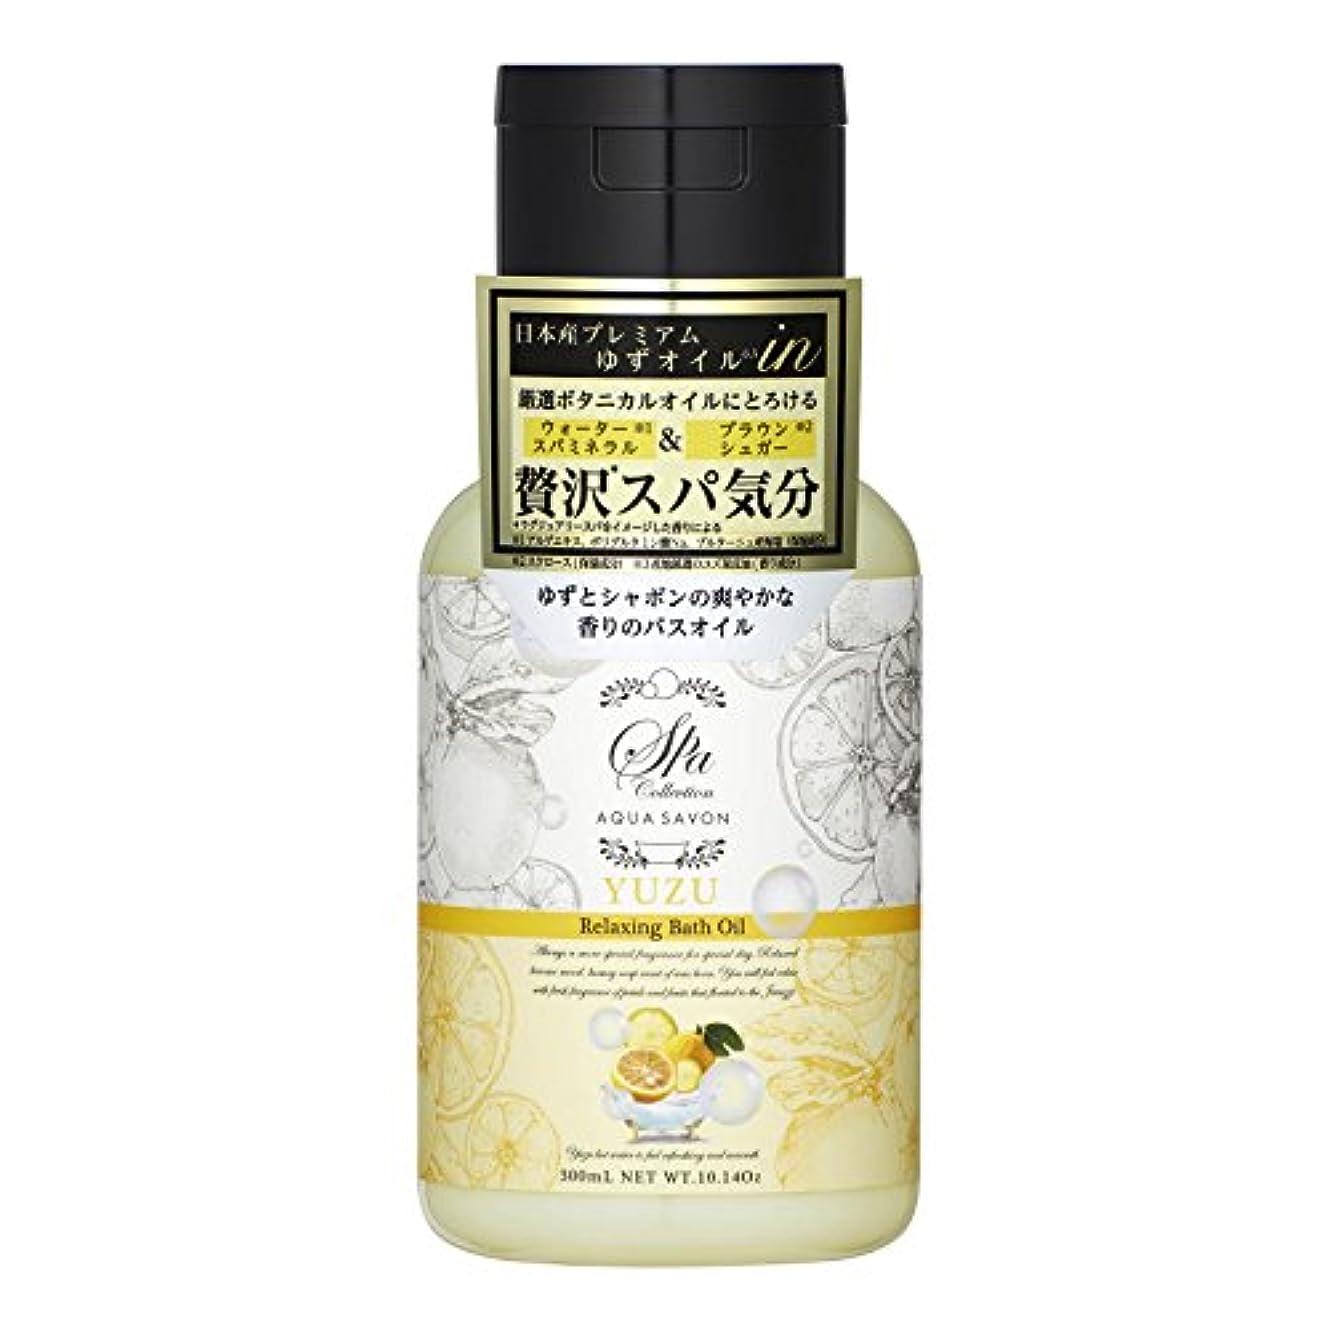 マエストロ反射はちみつアクアシャボン スパコレクション リラクシングバスオイル ゆずスパの香り 300mL